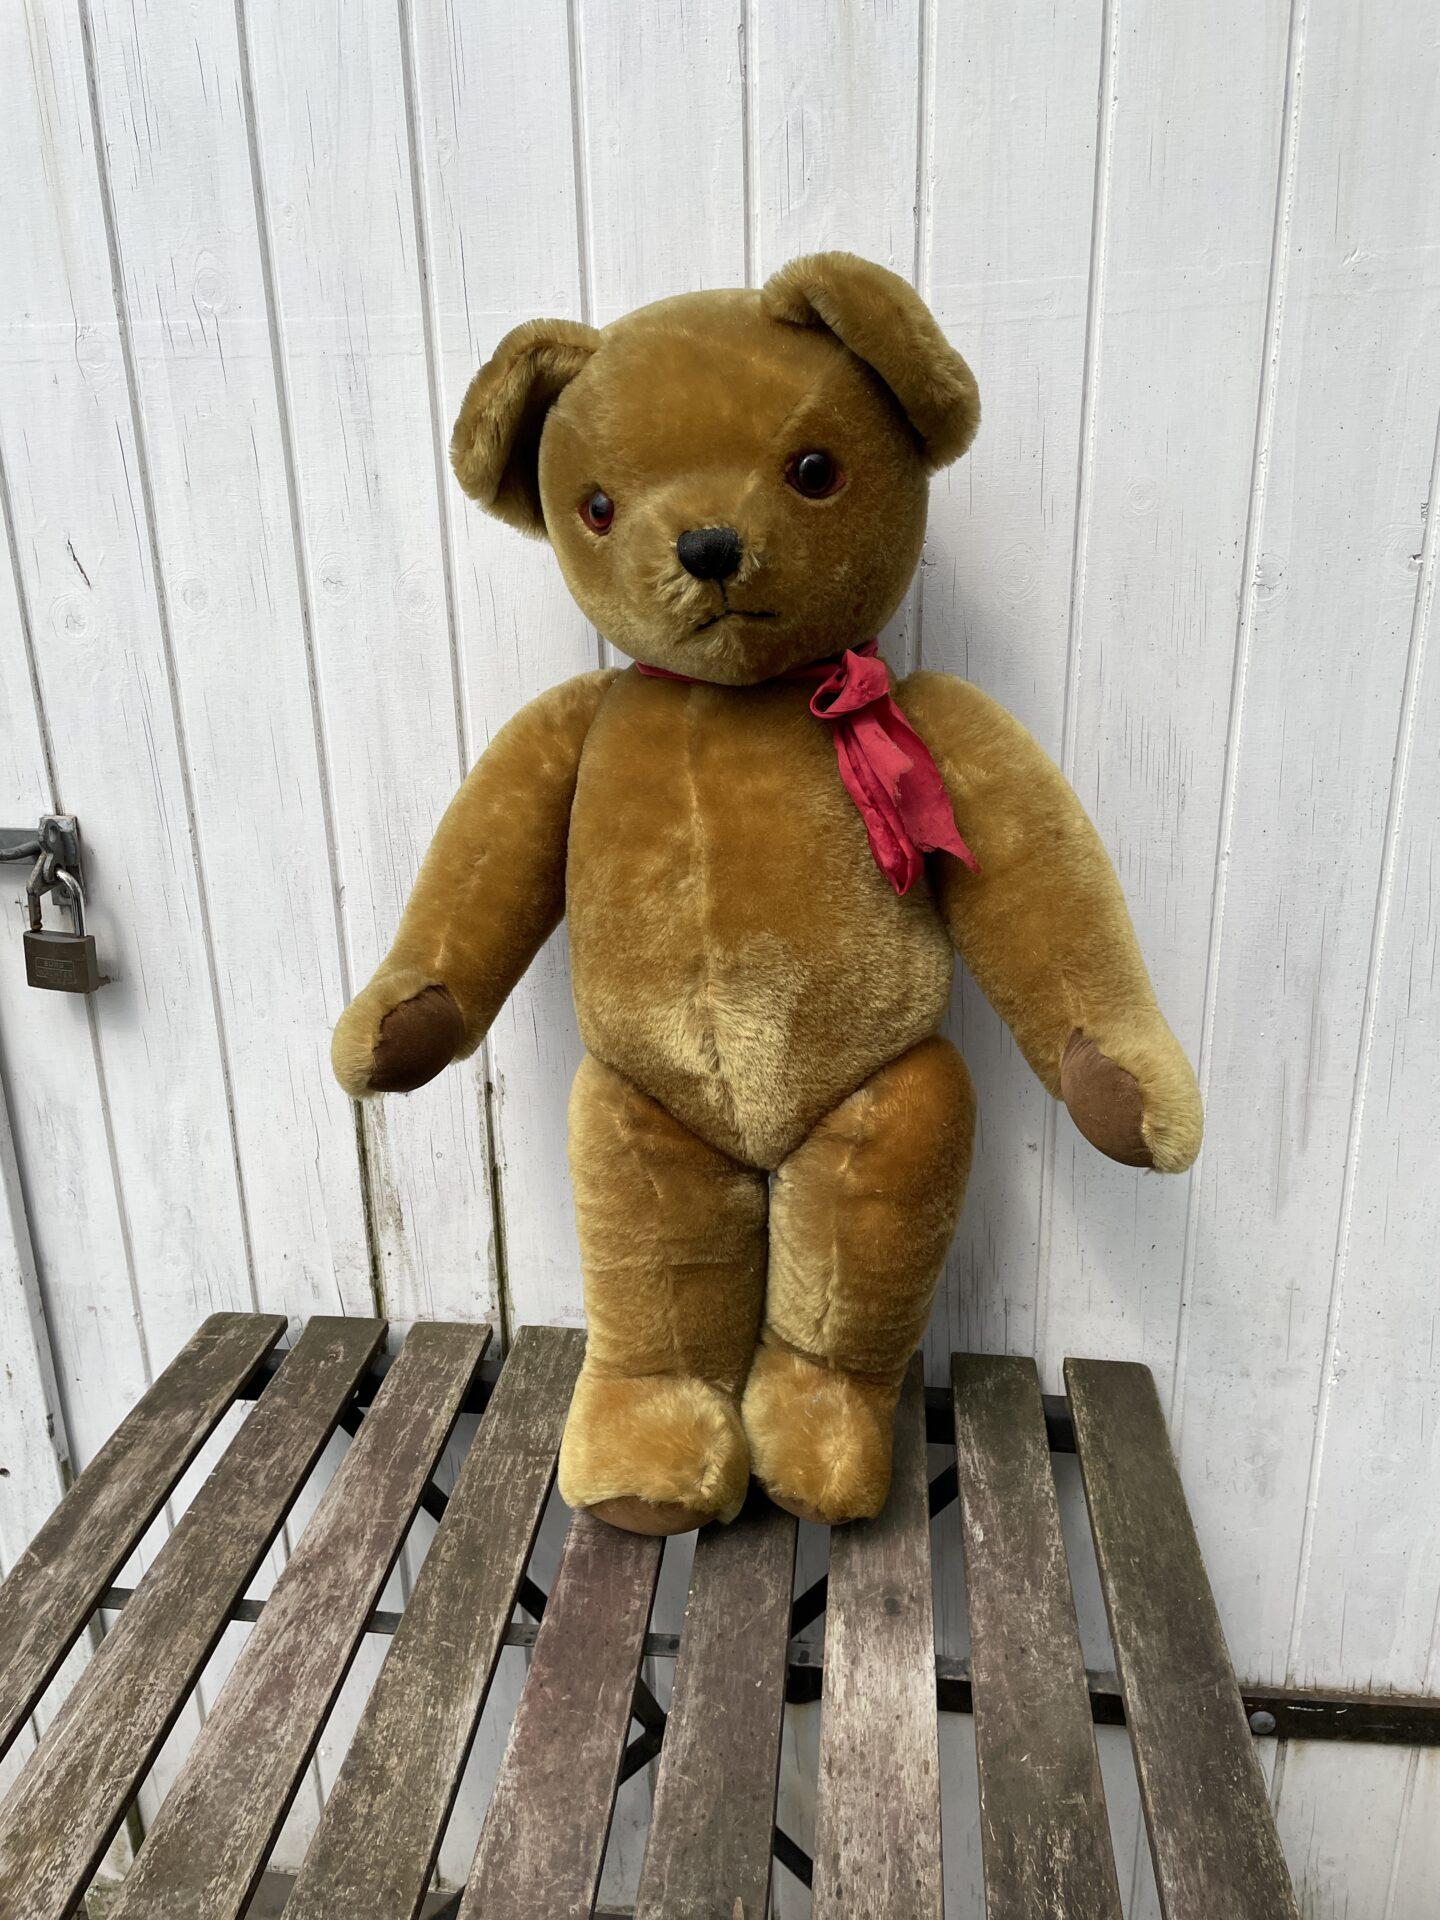 Stor Teddy bear, årg. ca 1955. H= 75 cm, Indsyet klokker i ørerne, antageligt Hermann. Pris 1000kr